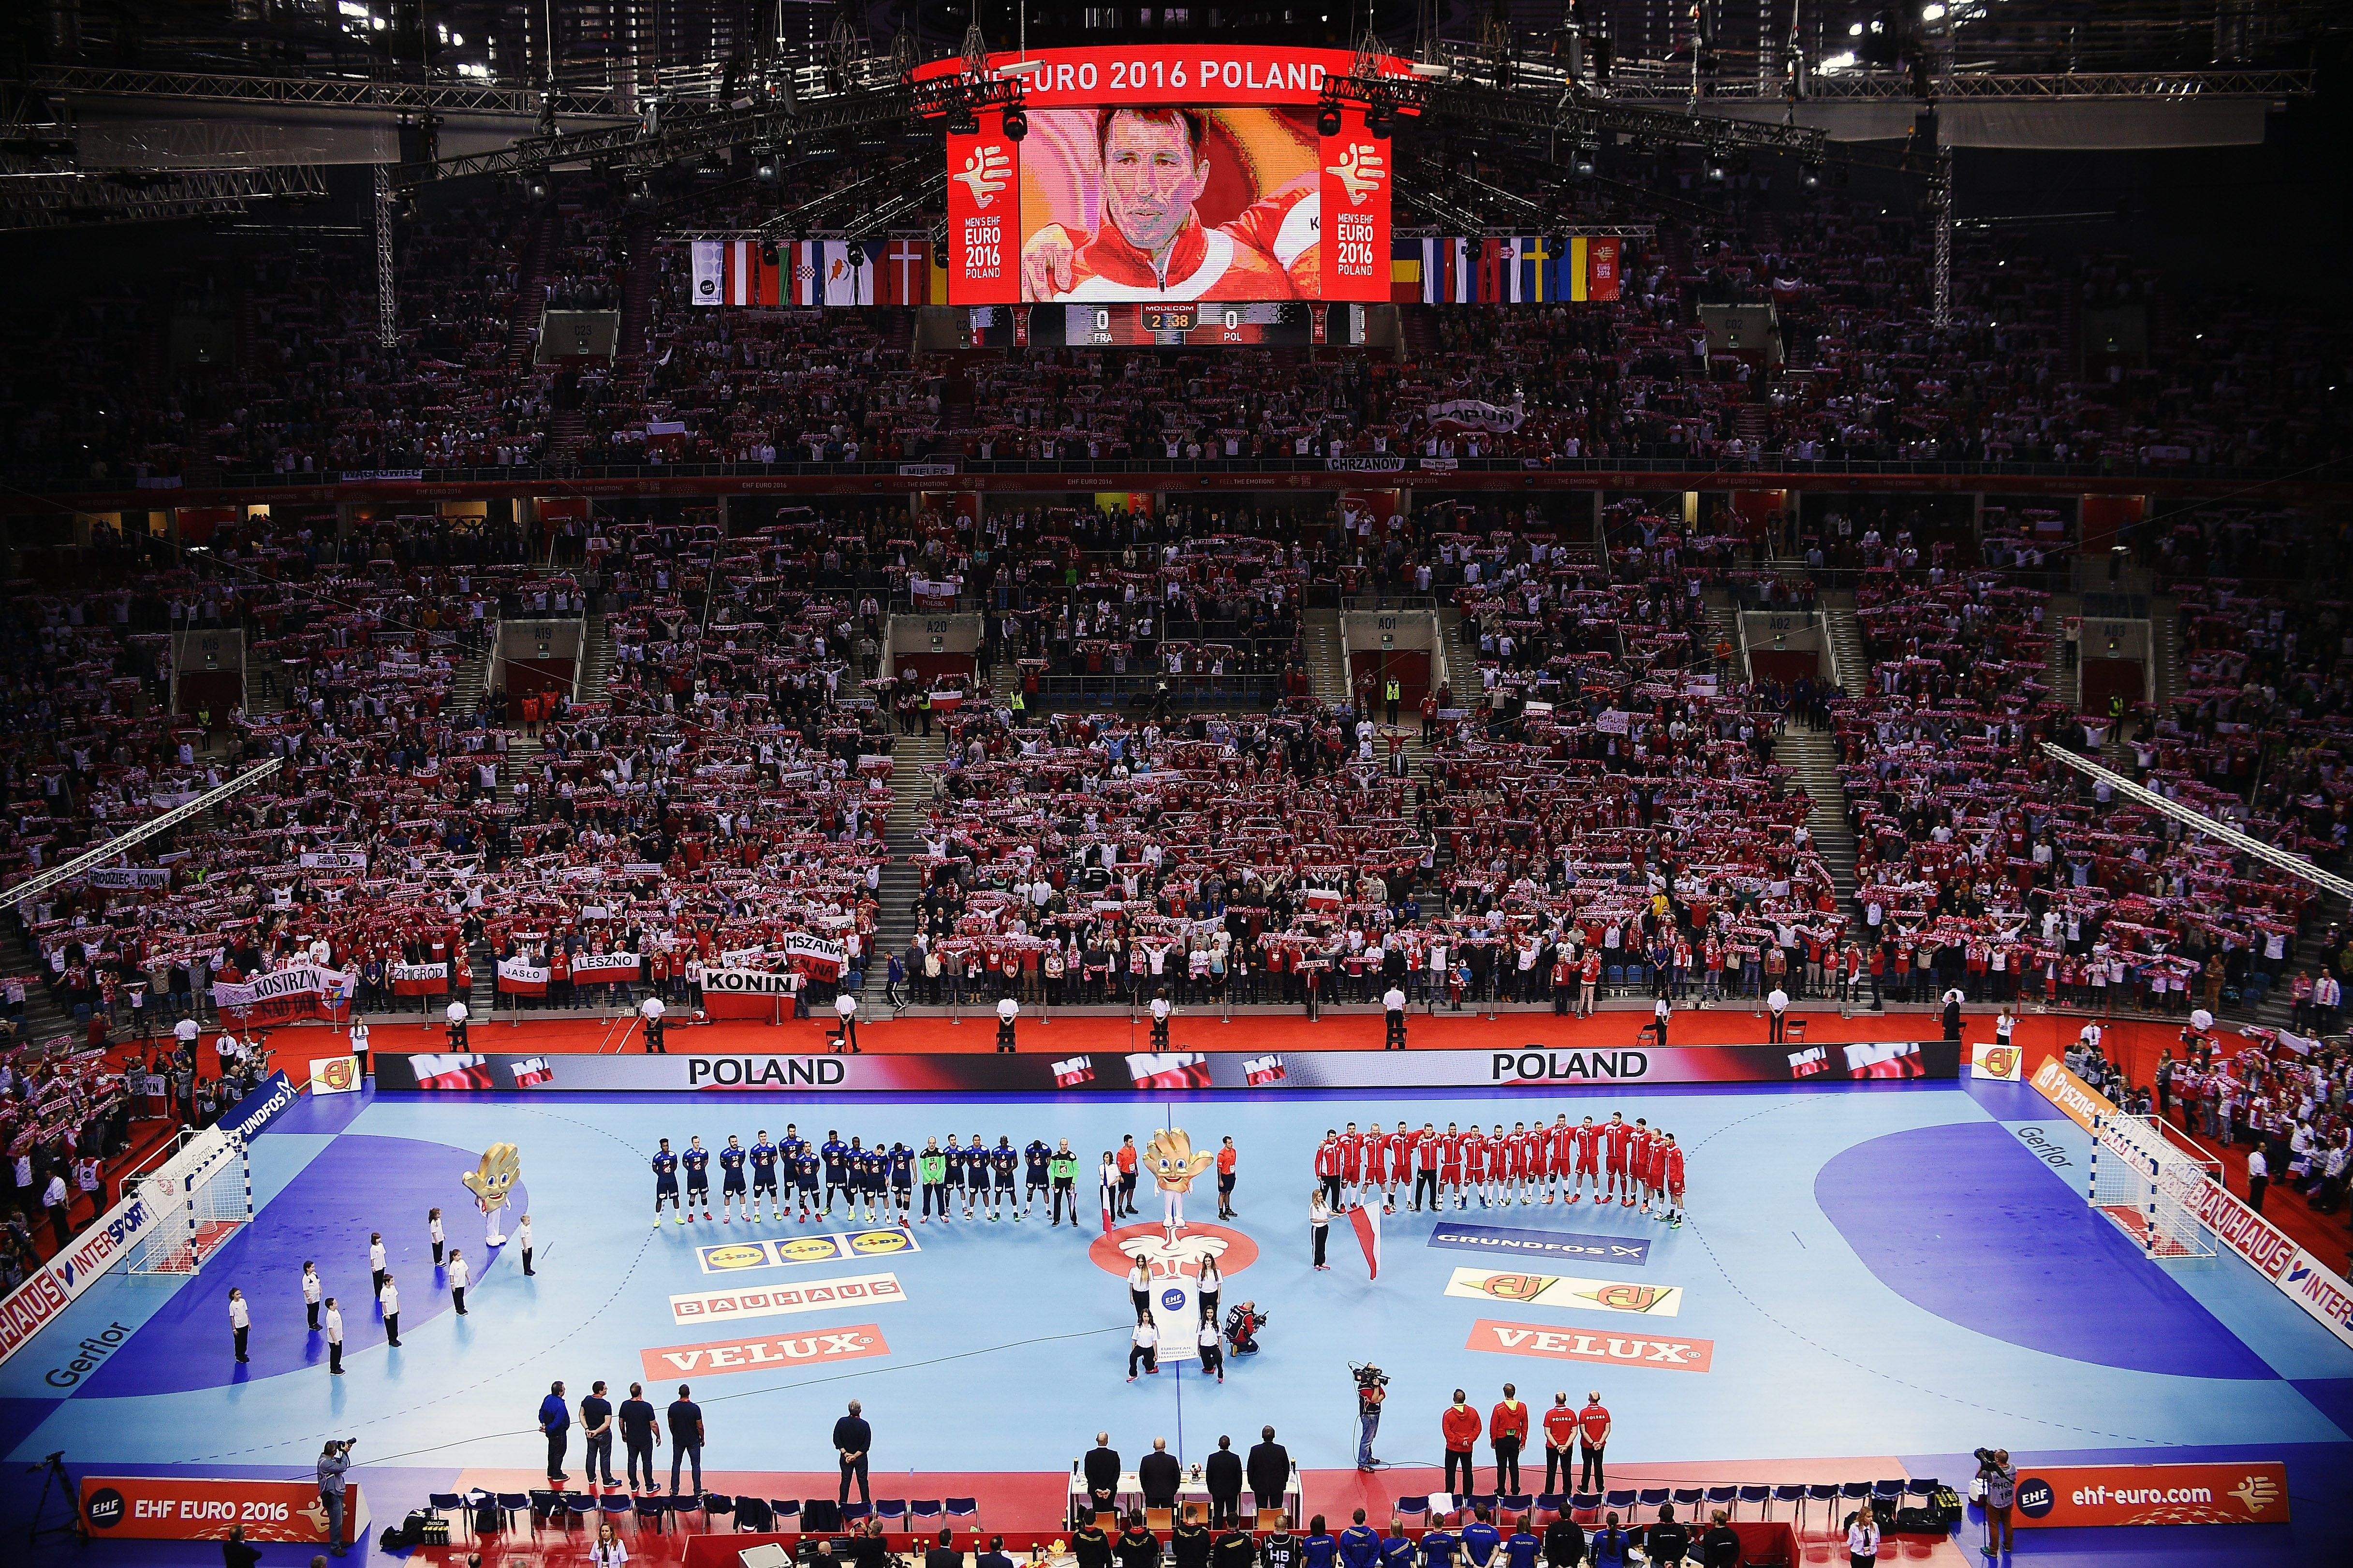 2016.01.19 Krakow Pilka reczna EHF Euro 2016 Mistrzostwa Europy w pilce recznej mezczyzn Francja - Polska N/Z widok ilustracja FOTO Lukasz Laskowski / Pressfocus  2016.01.19 Krakow Handball EHF Euro Poland 2016  France vs Poland Tauron Arena Krakow view FOTO Lukasz Laskowski / Pressfocus